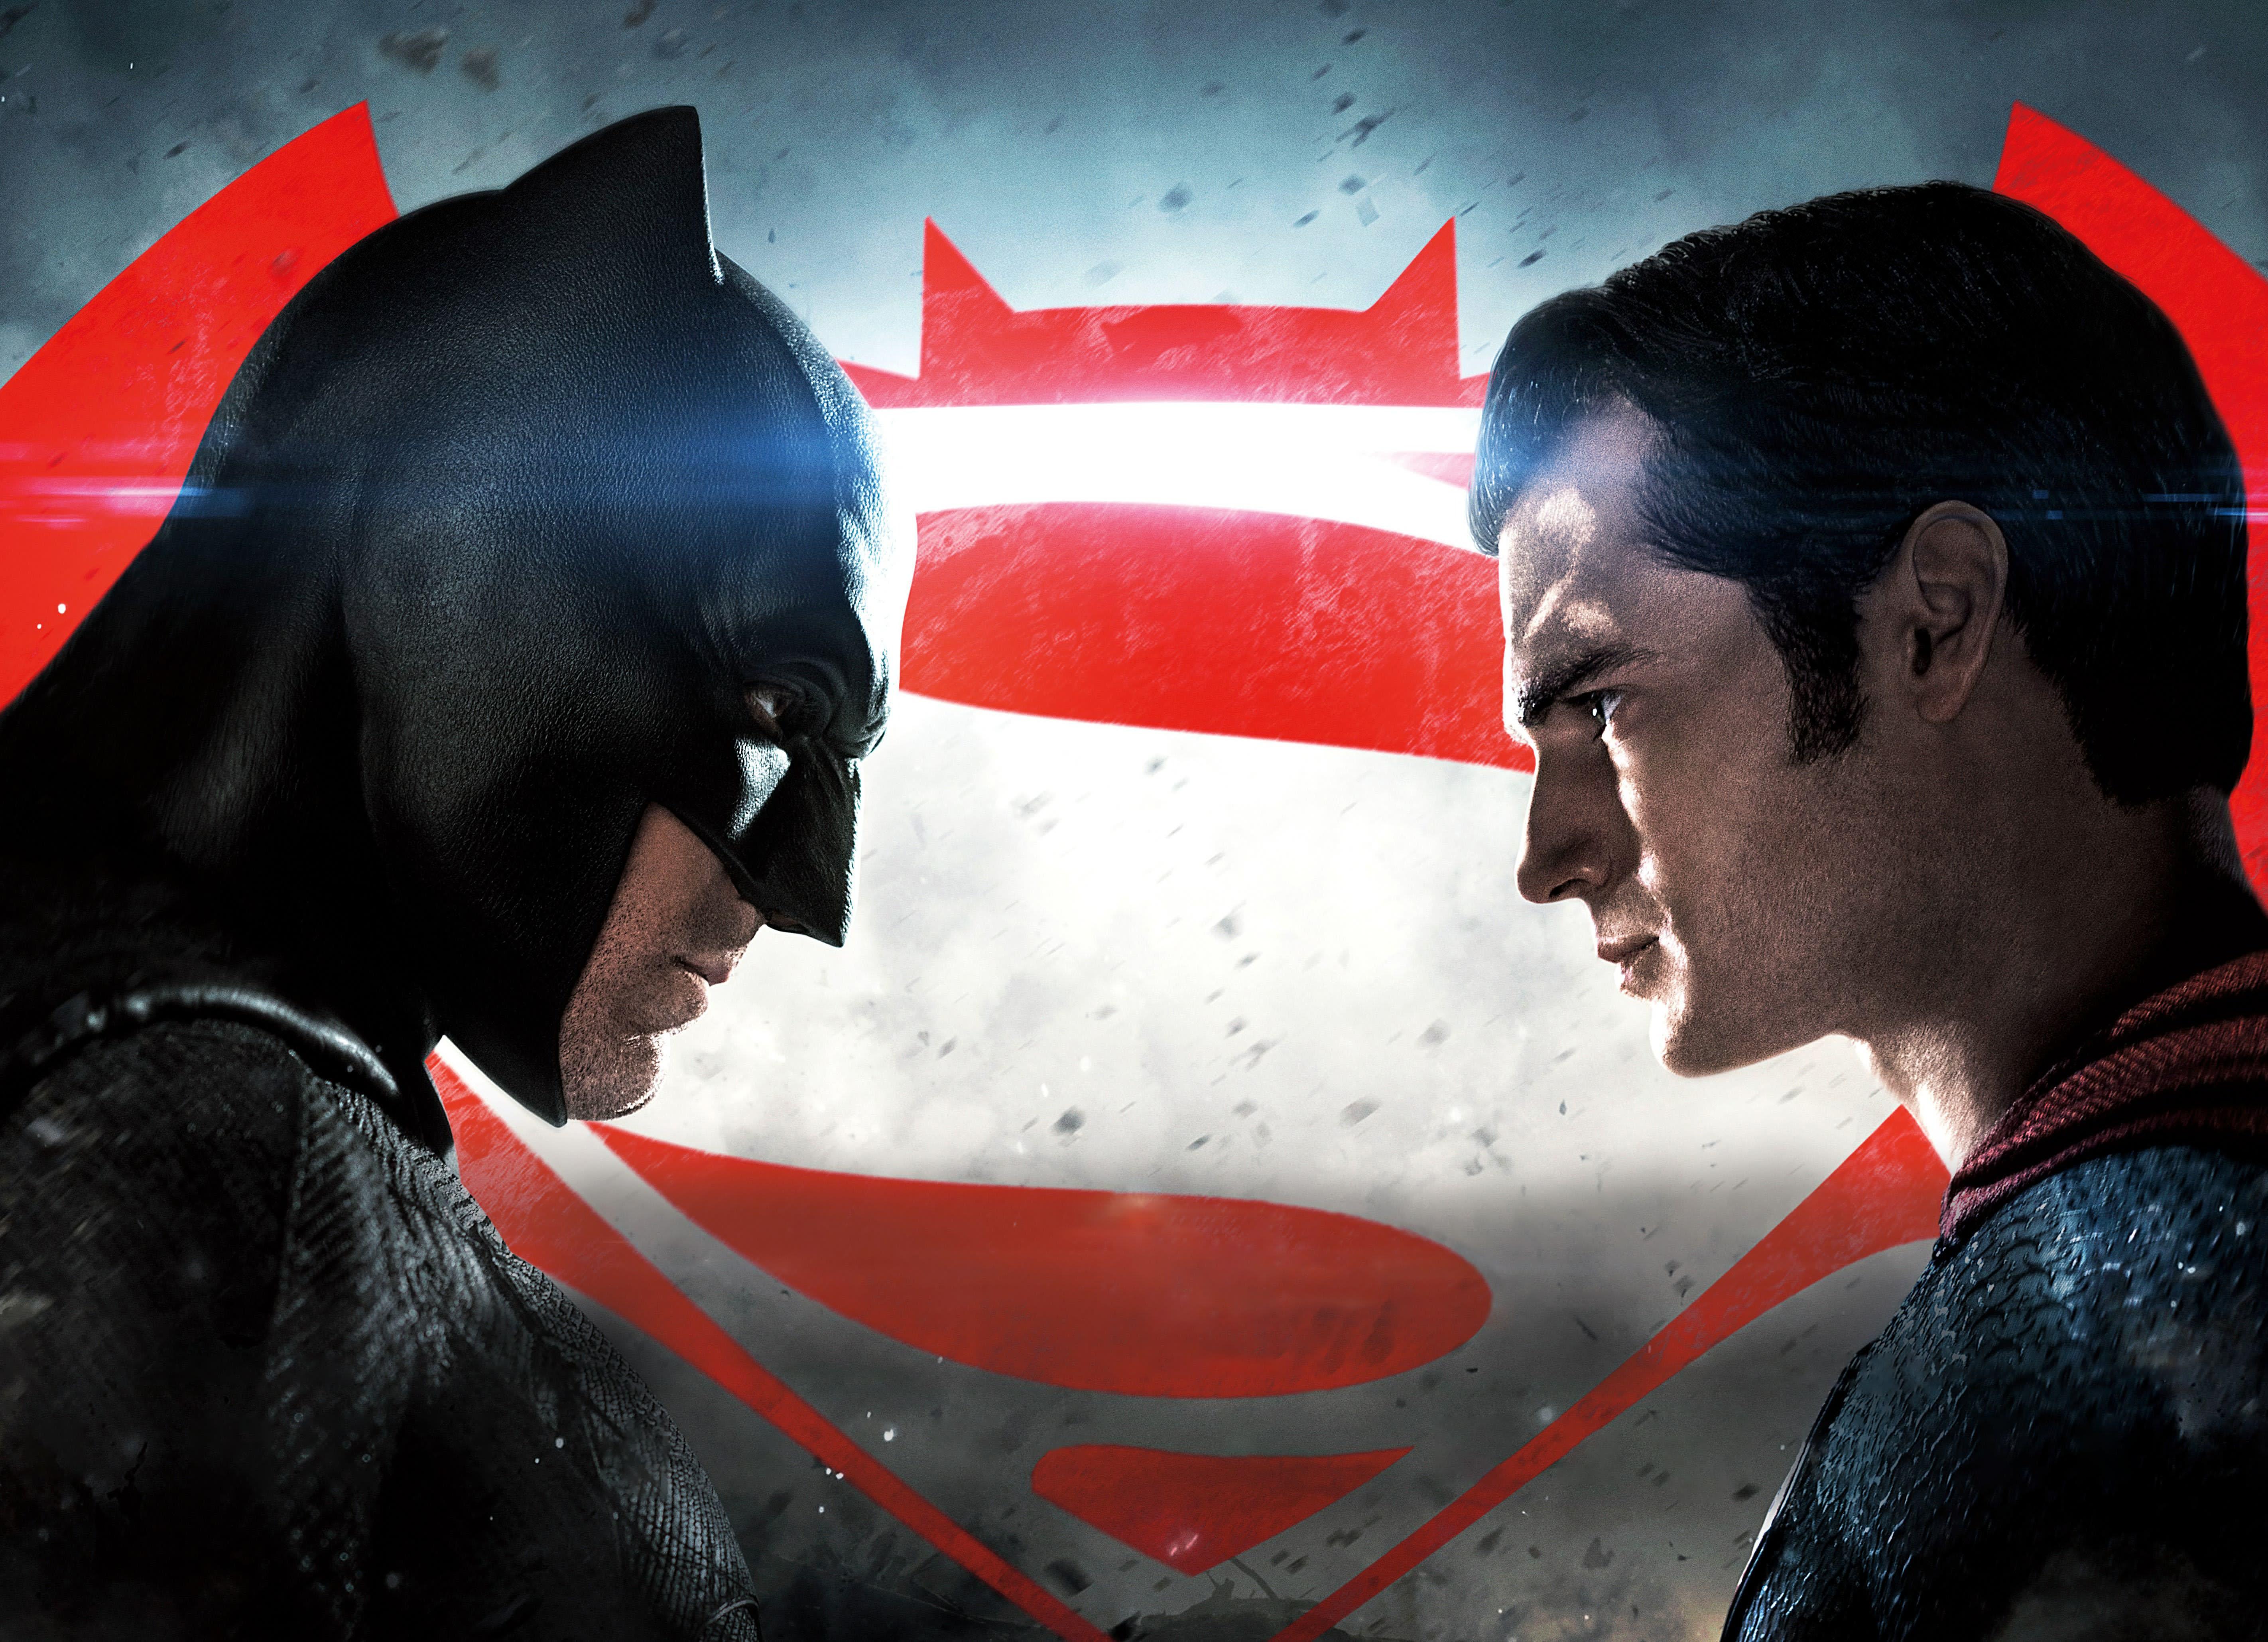 El corte extendido de Batman v Superman será censura R